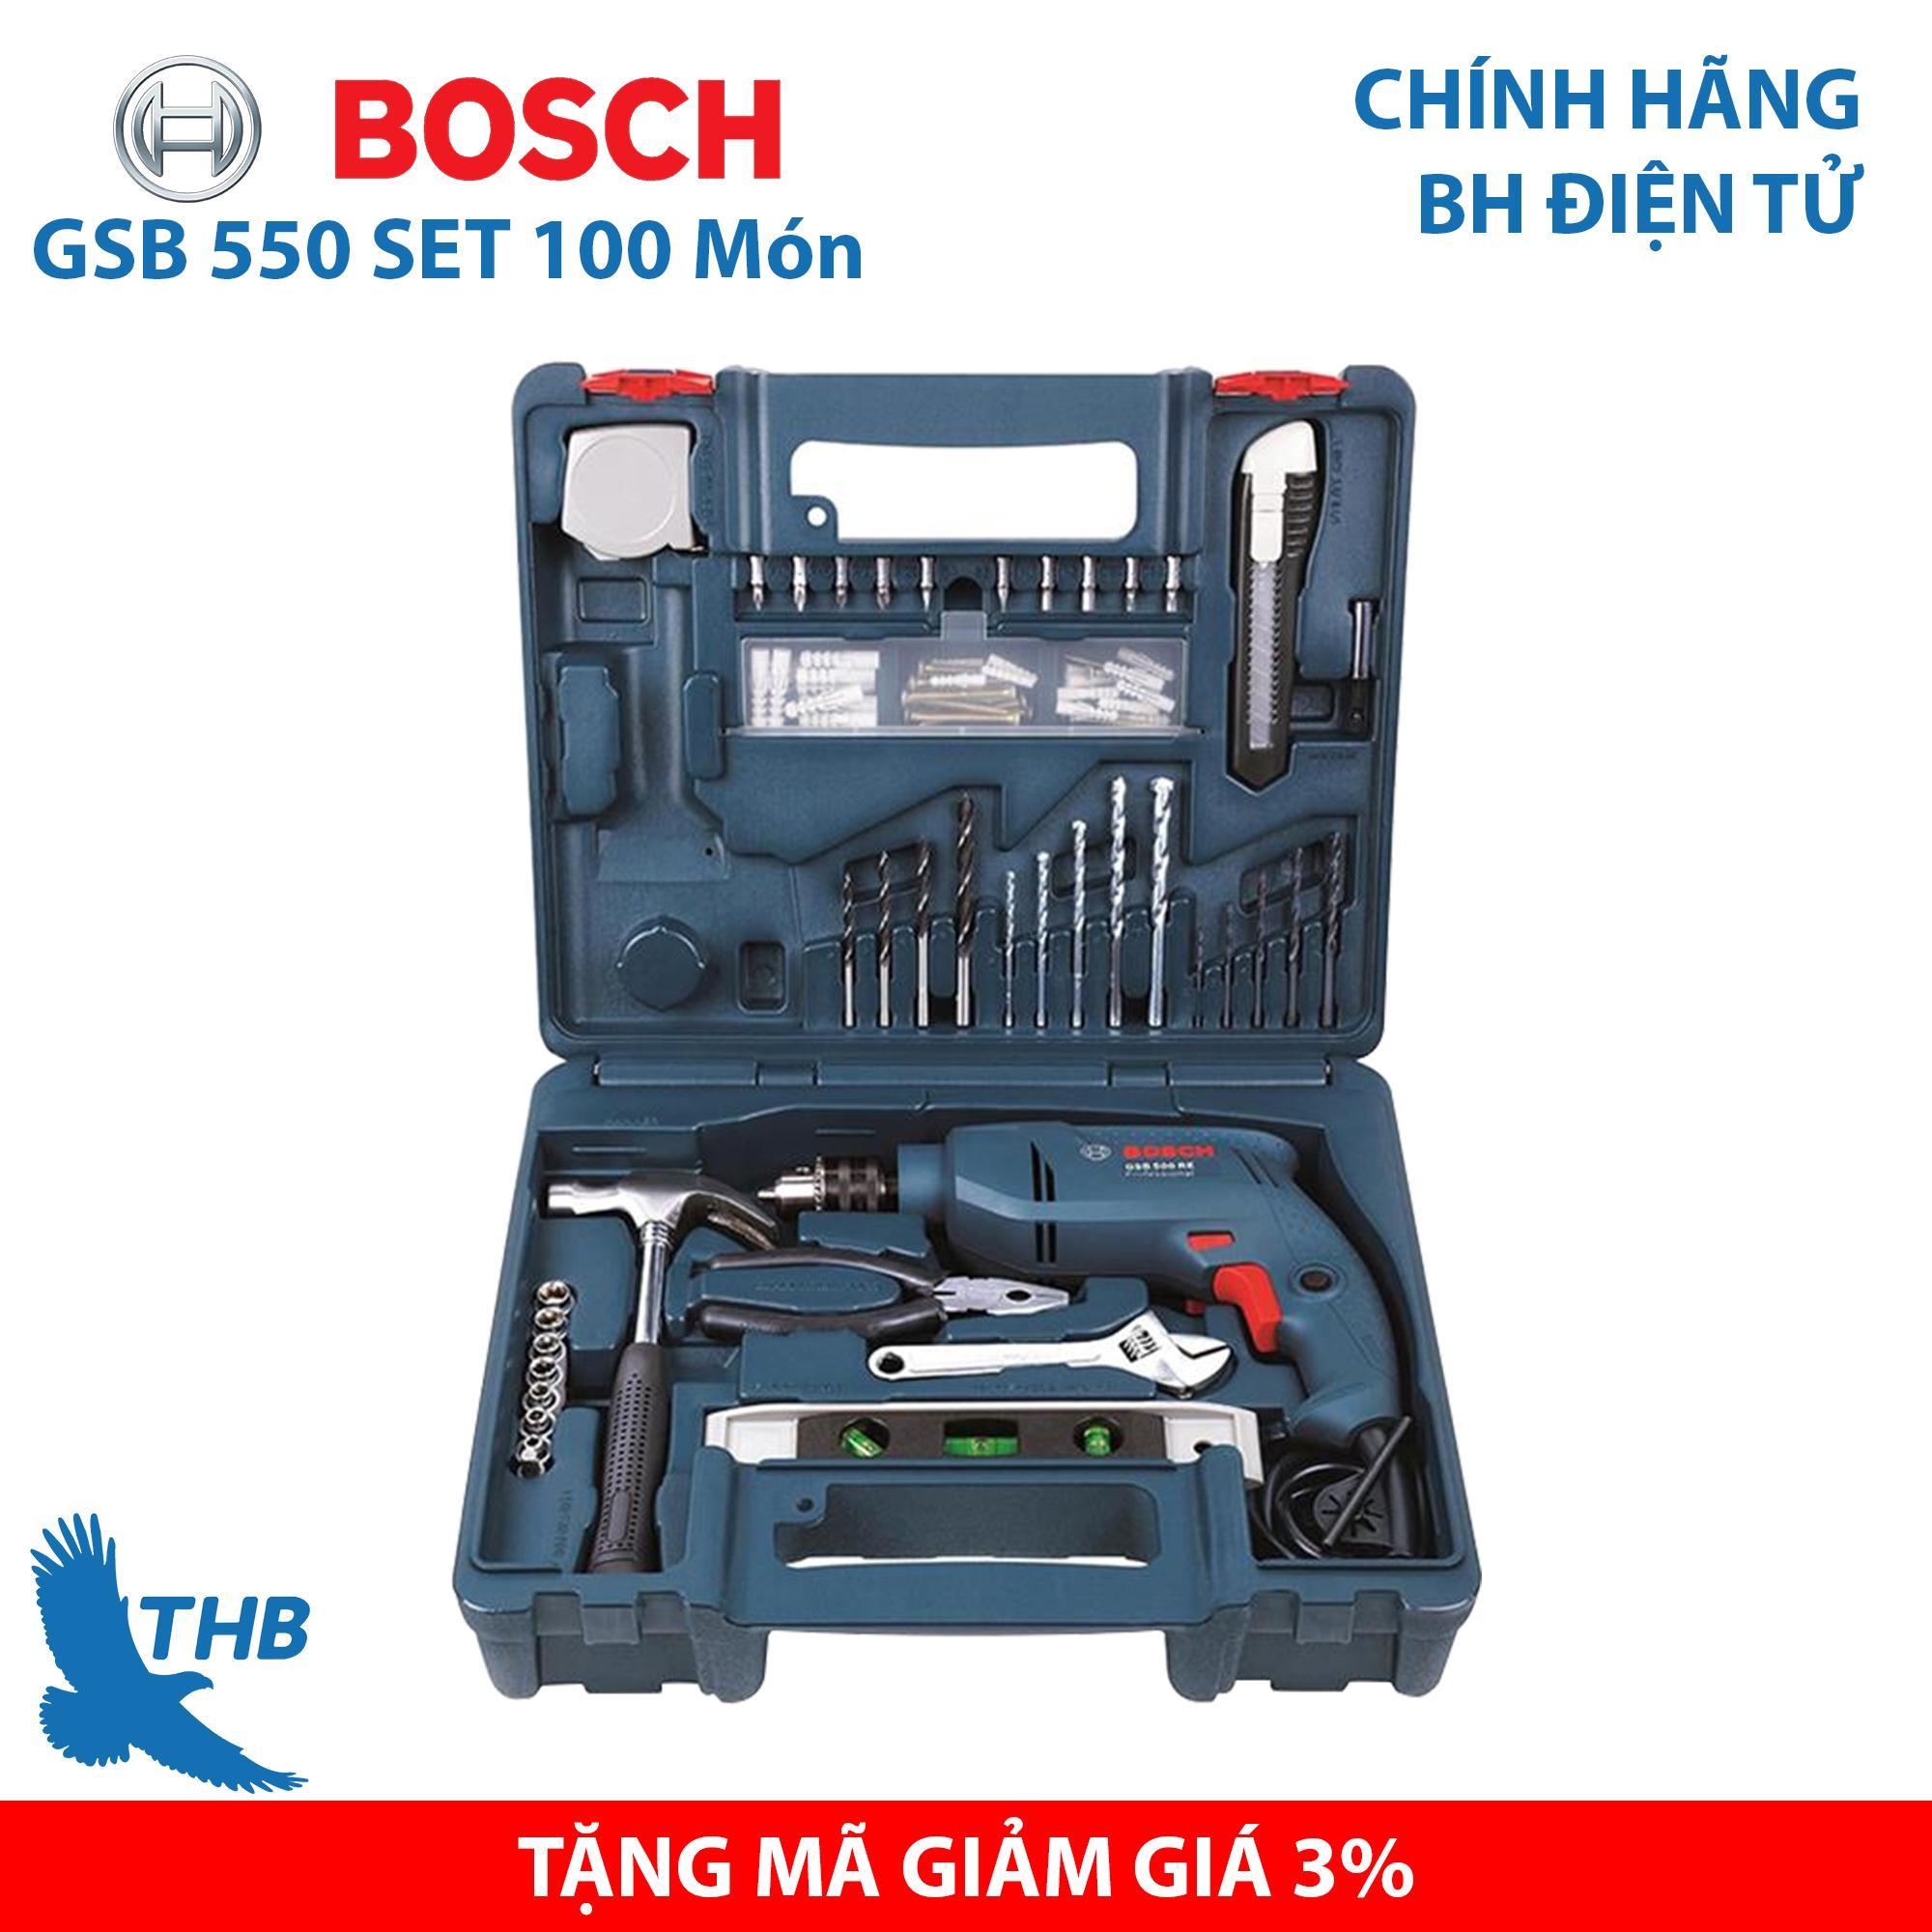 Bộ Máy khoan động lực Máy khoan gia đình Bosch GSB 550 Set 100 món - Bộ máy khoan bán chạy nhất năm 2019